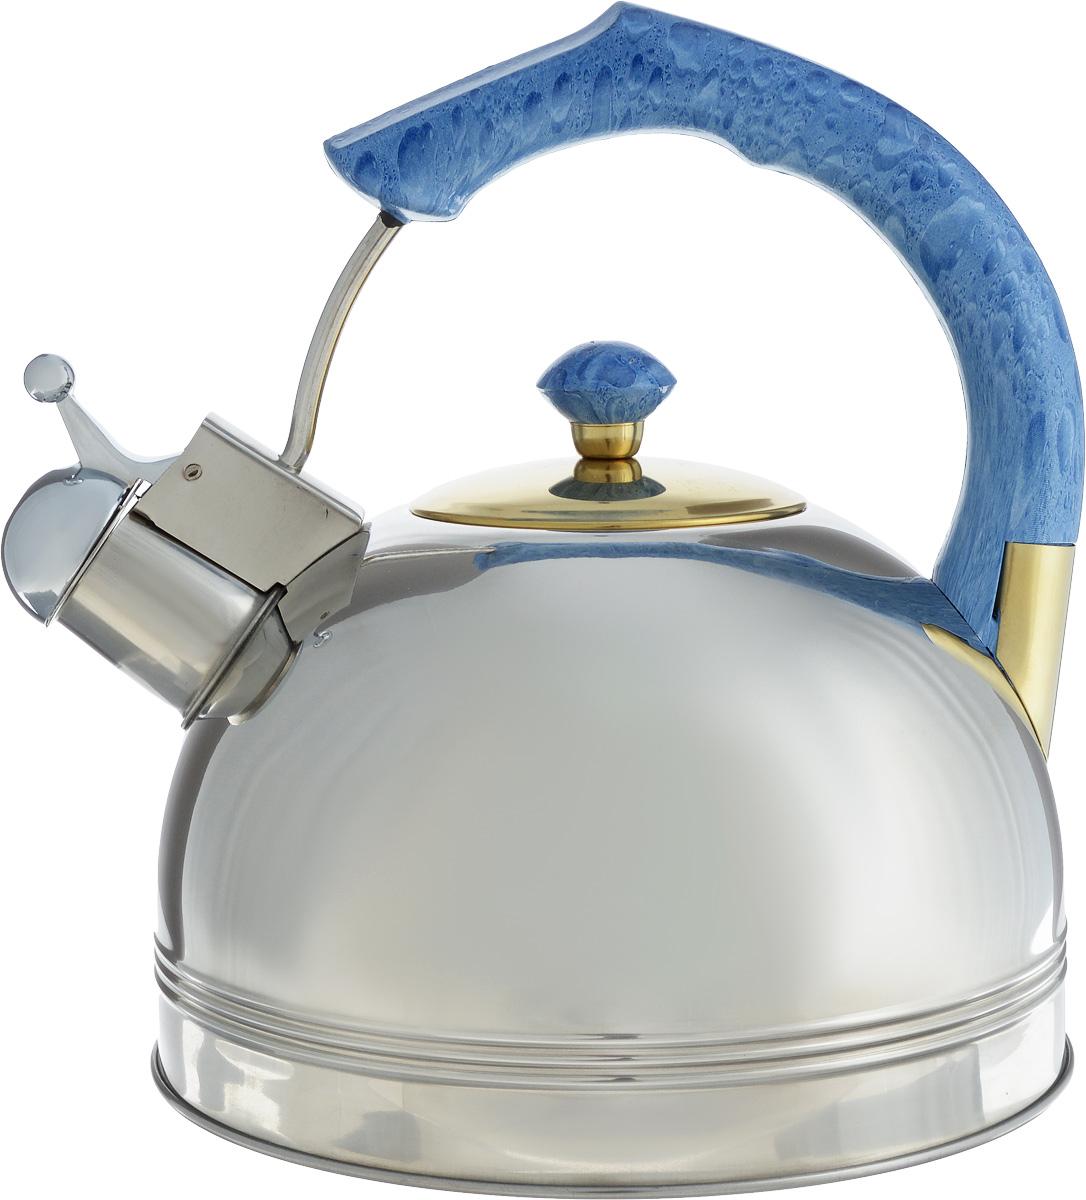 Чайник Bohmann, со свистком, 3 л. BHL-655MRBVT-1520(SR)Чайник Bohmann выполнен из высококачественной нержавеющей стали, что делает его весьма гигиеничным и устойчивым к износу при длительном использовании. Носик чайника оснащен насадкой-свистком, что позволит вам контролировать процесс подогрева или кипячения воды. Чайник снабжен стальной крышкой и эргономичной ручкой с бакелитовой вставкой.Эстетичный и функциональный чайник будет оригинально смотреться в любом интерьере.Подходит для всех типов плит, включая индукционные. Можно мыть в посудомоечной машине. Высота чайника (с учетом ручки и крышки): 23,5 см.Диаметр чайника (по верхнему краю): 8,5 см.Диаметр индукционного дна: 13 см.